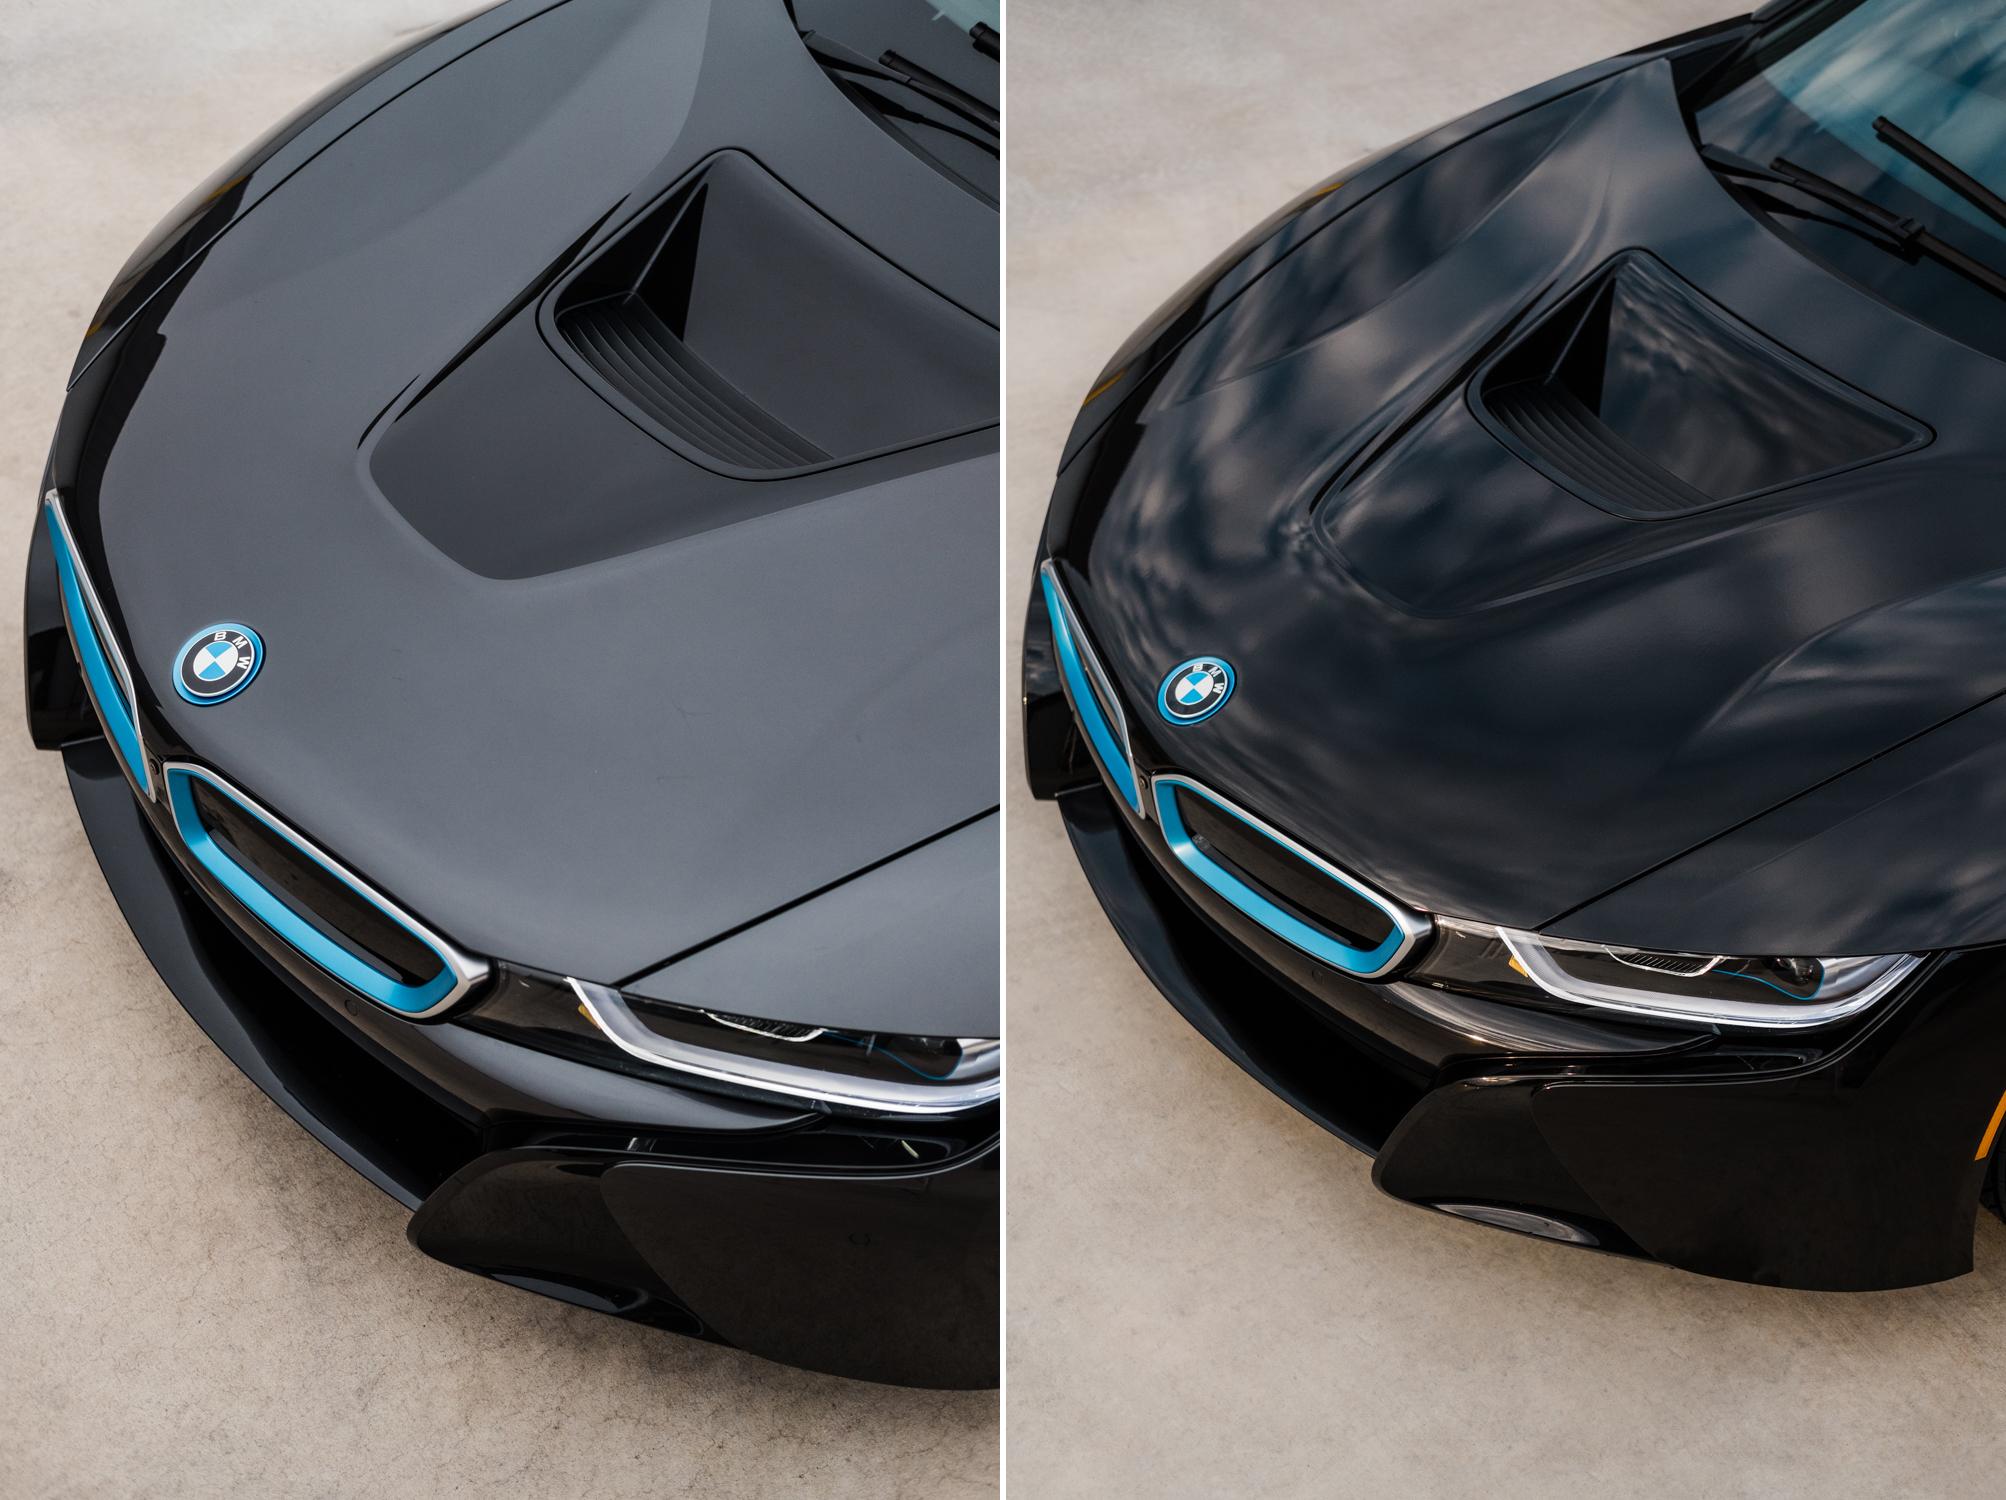 BMW i8-3M 1080 Vinyl-Vinyl Wrapping-Full body vinyl wrap-106.jpg